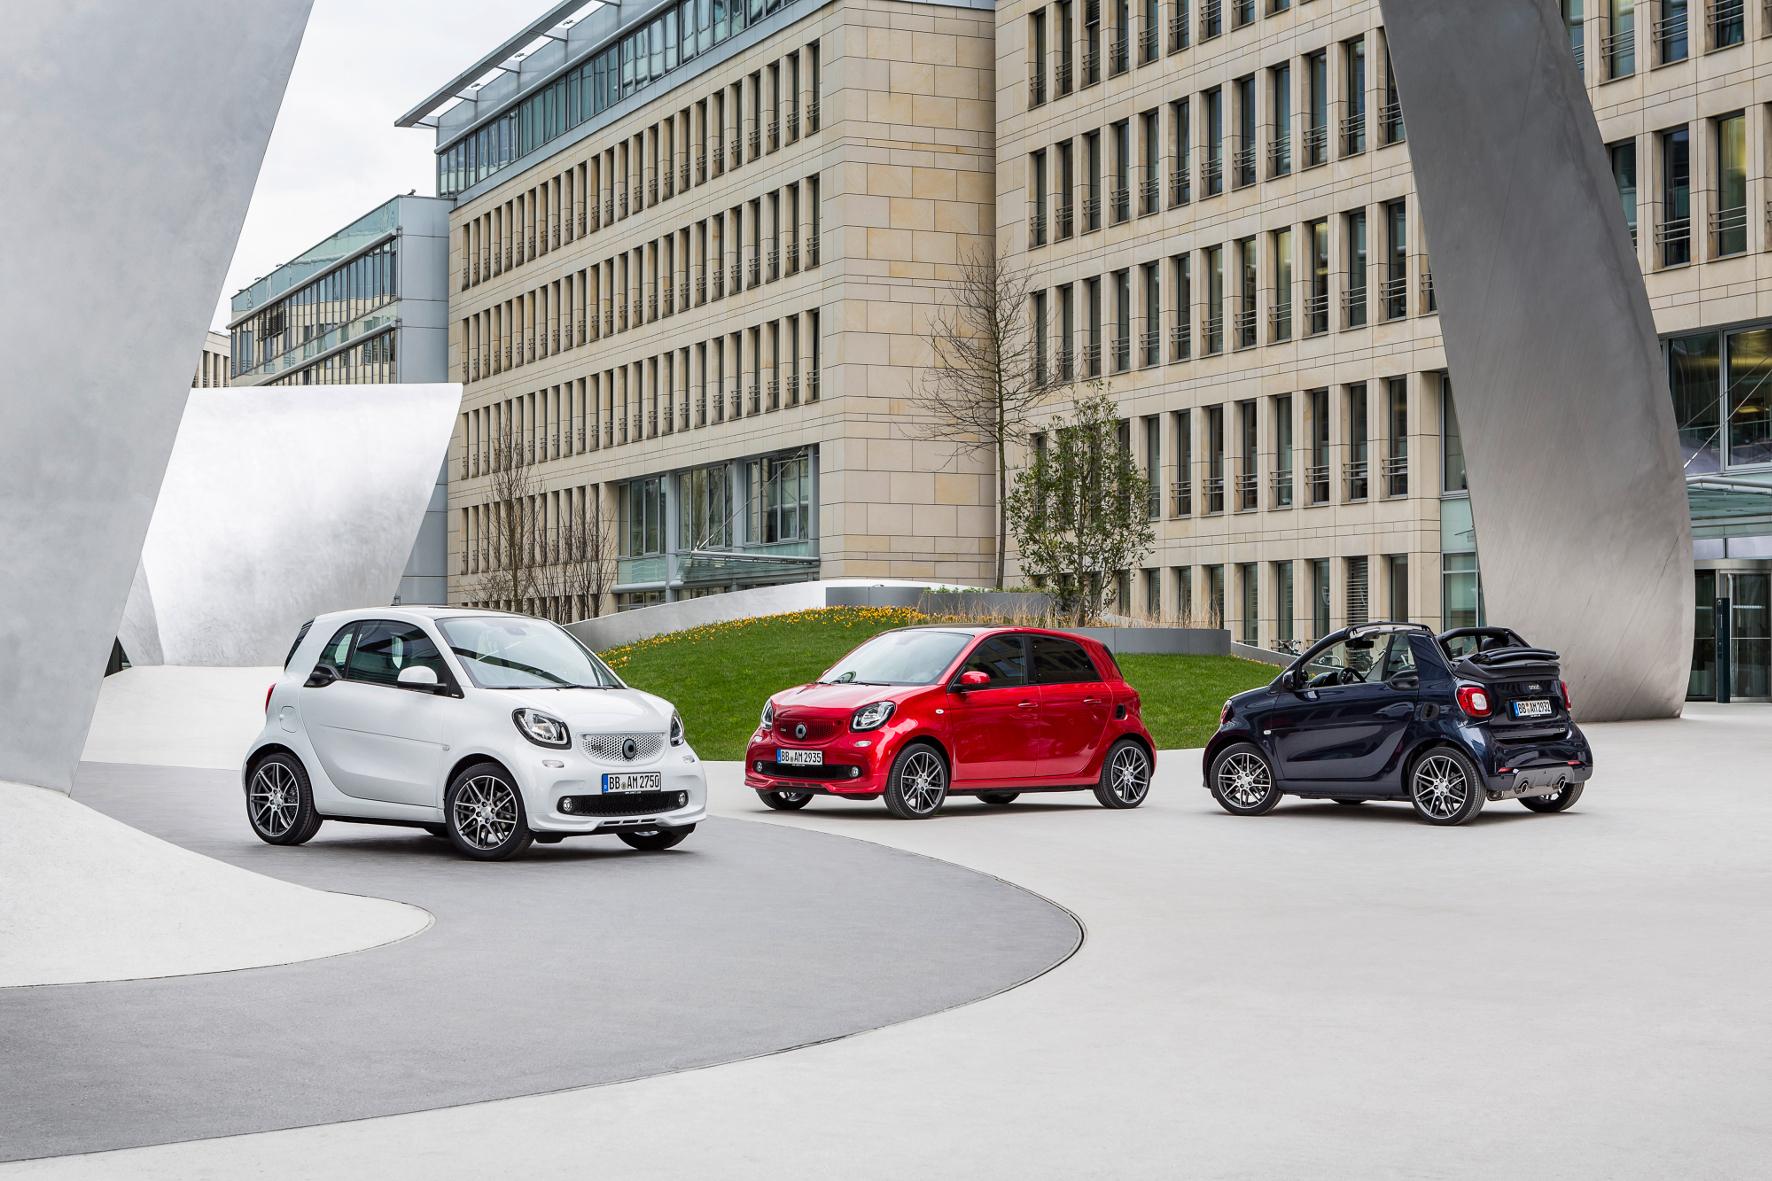 mid Groß-Gerau - Zwergen-Aufstand: Der neue Smart Brabus ist da. Mit 109 PS und 170 Nm hat der Kleinwagen über 20 Prozent mehr Leistung und über 25 Prozent mehr maximales Drehmoment als das bisher sportlichste Modell der Baureihe.